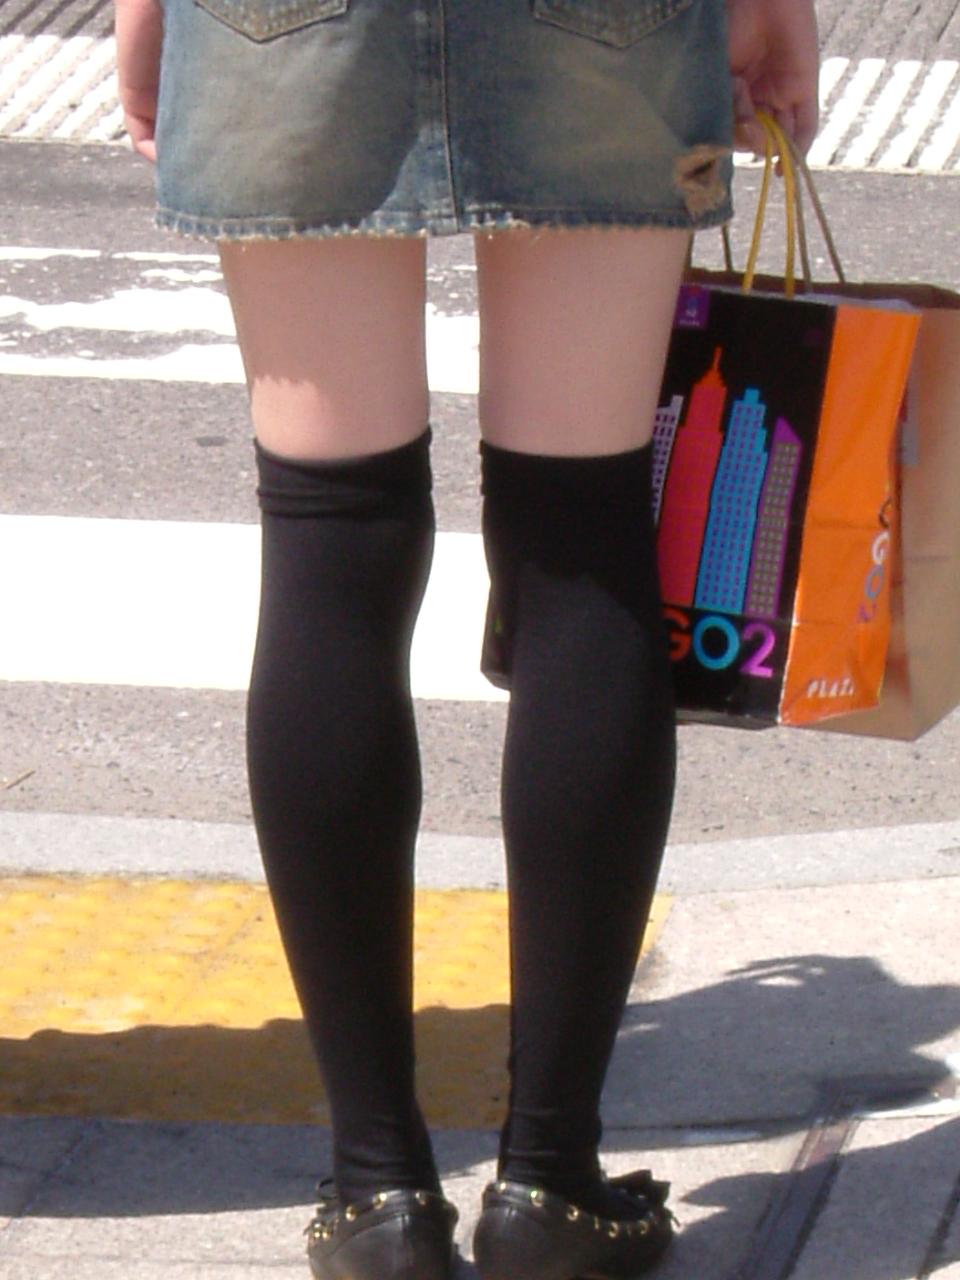 【絶対領域】太ももが僅かに見えてる状態が却ってエロいwww街撮りニーソ美脚(エロ画像) 07